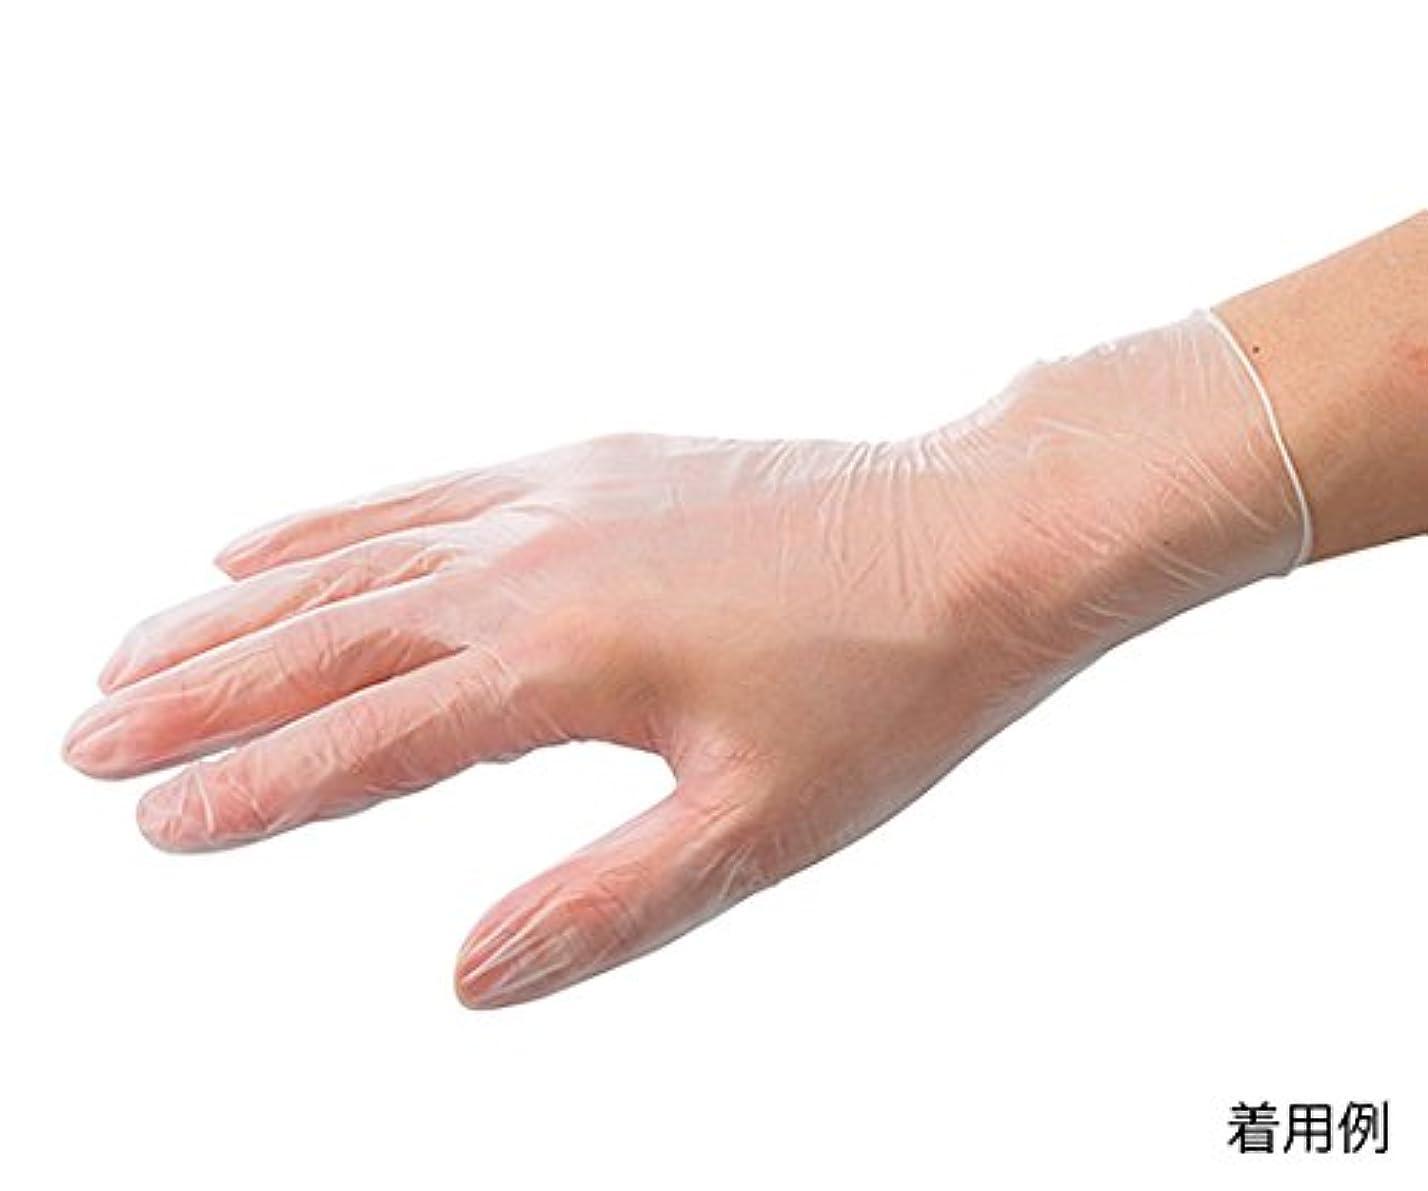 叙情的なアミューズ信条ARメディコム?インク?アジアリミテッド7-3727-02バイタルプラスチック手袋(パウダー付き)M150枚入